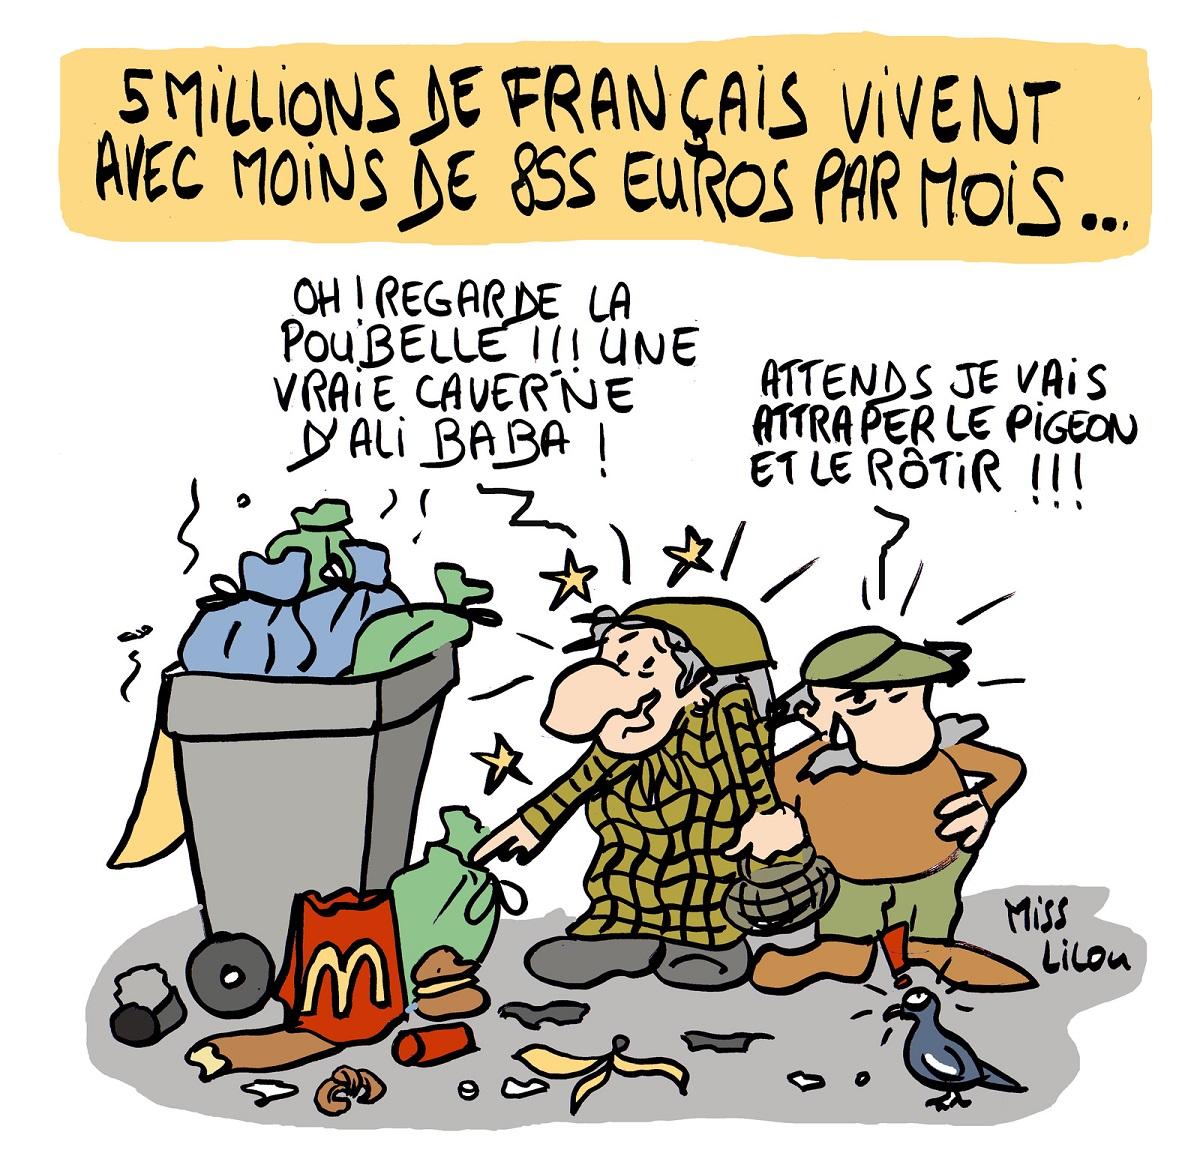 dessin d'actualité humoristique sur les 5 millions de Français pauvres